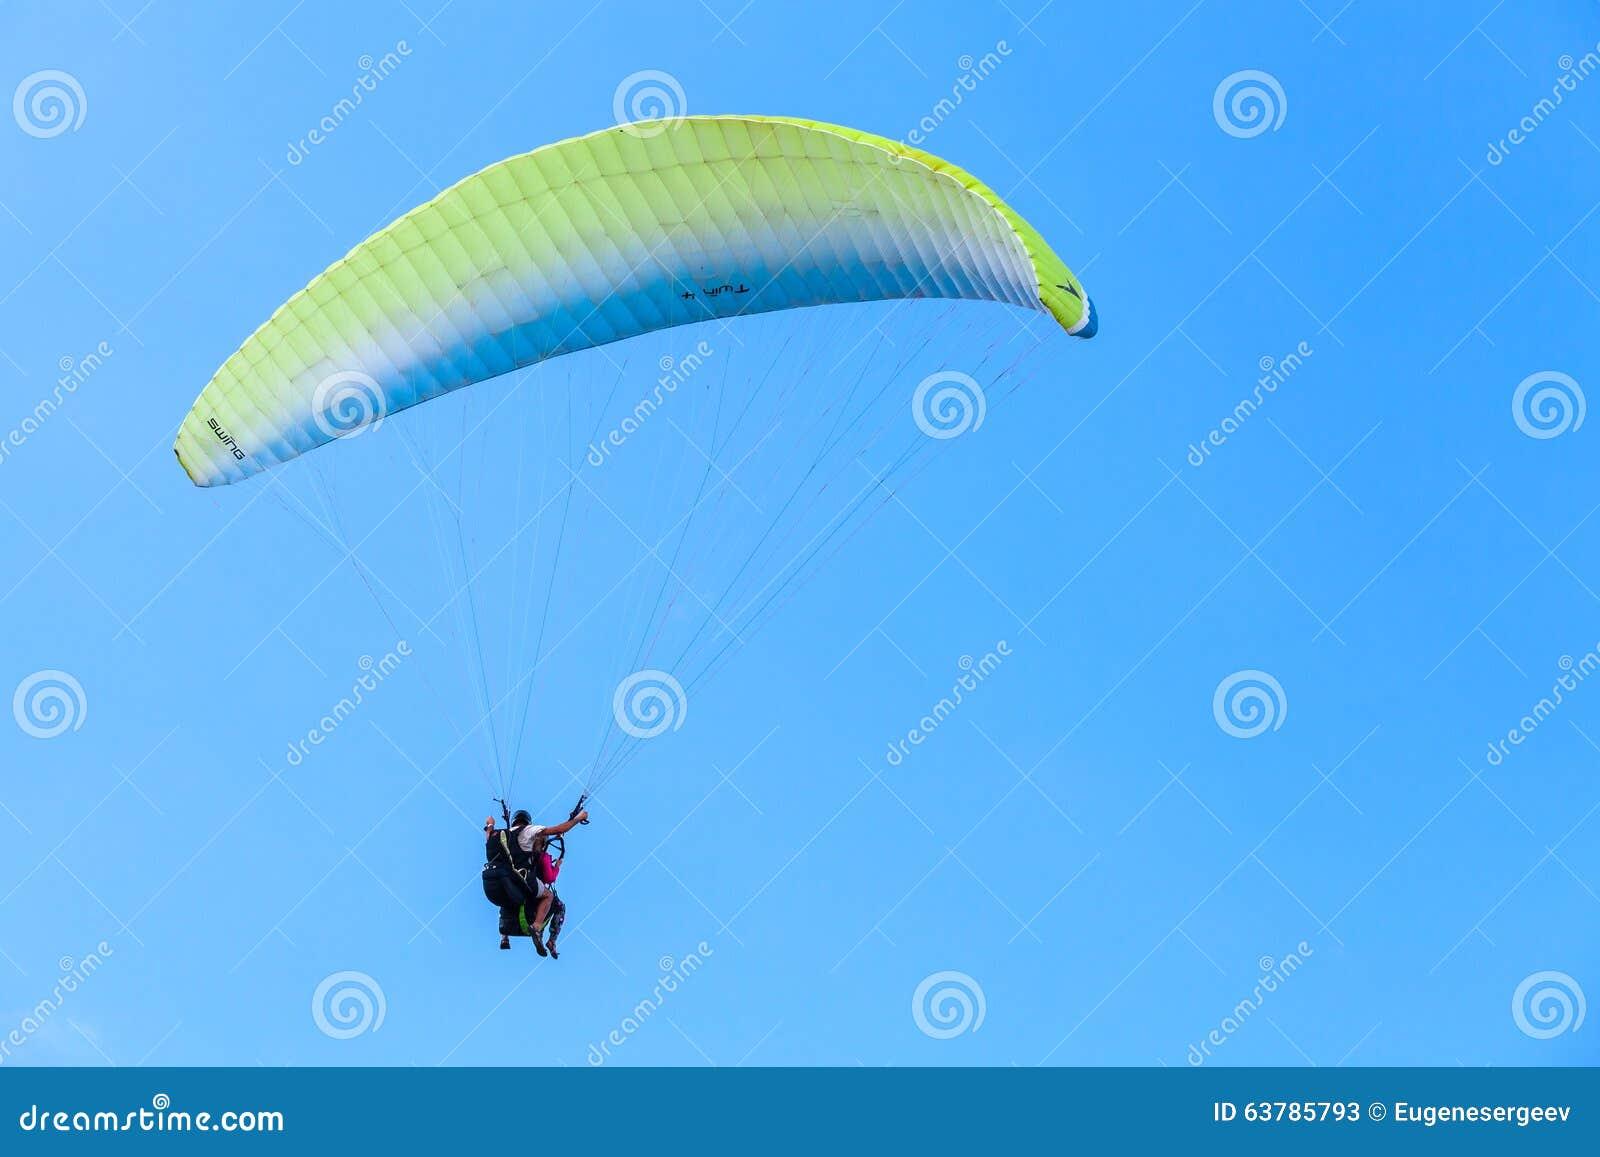 Gleitschirmfliegen im blauen Himmel, im Lehrer und im Anfänger